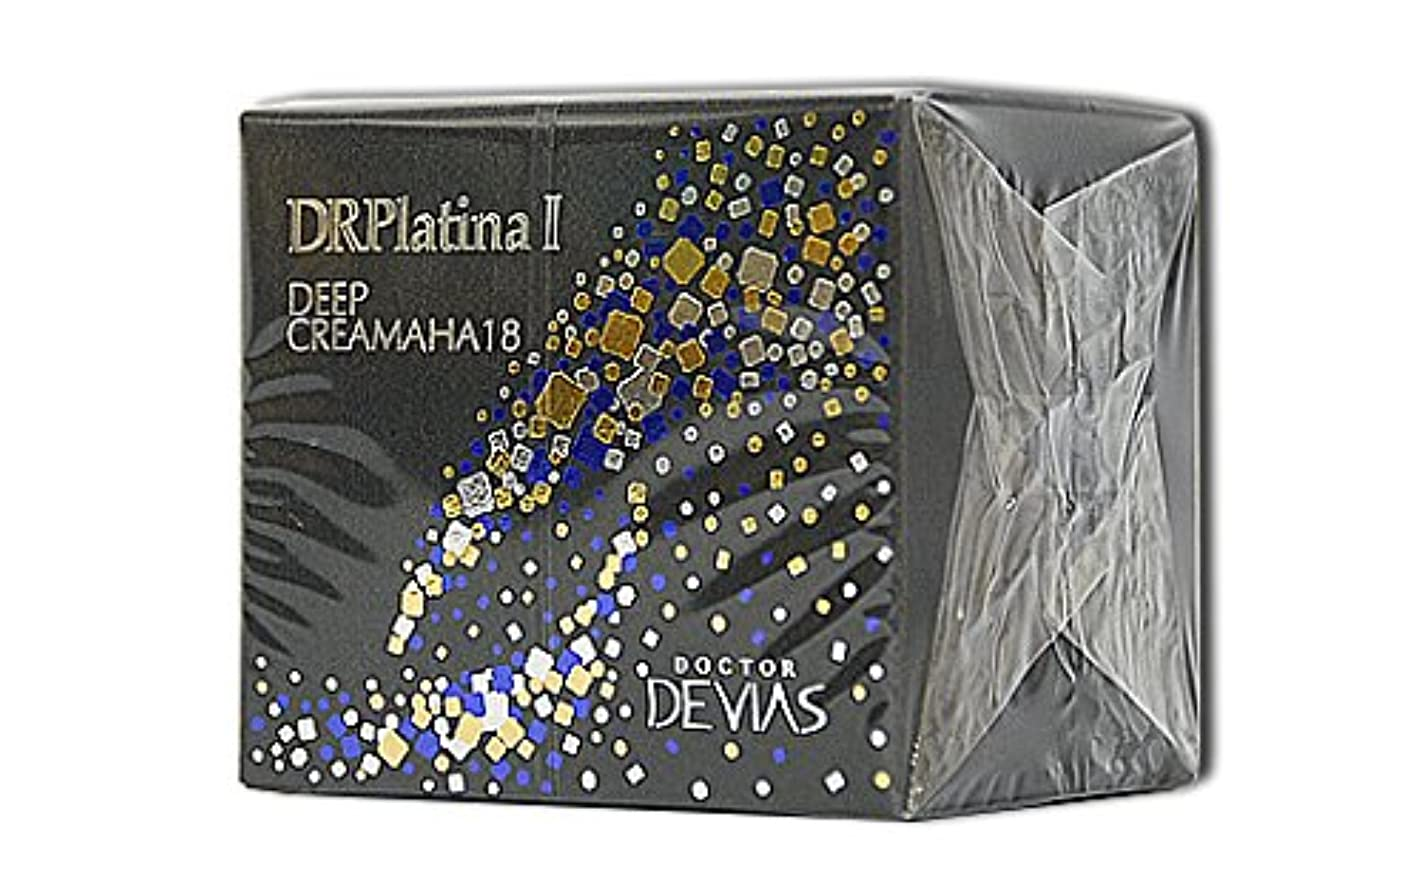 カバースクラップ発揮するDRデヴィアス プラチナ ディープ クリーム AHA18 Ⅱ 30g